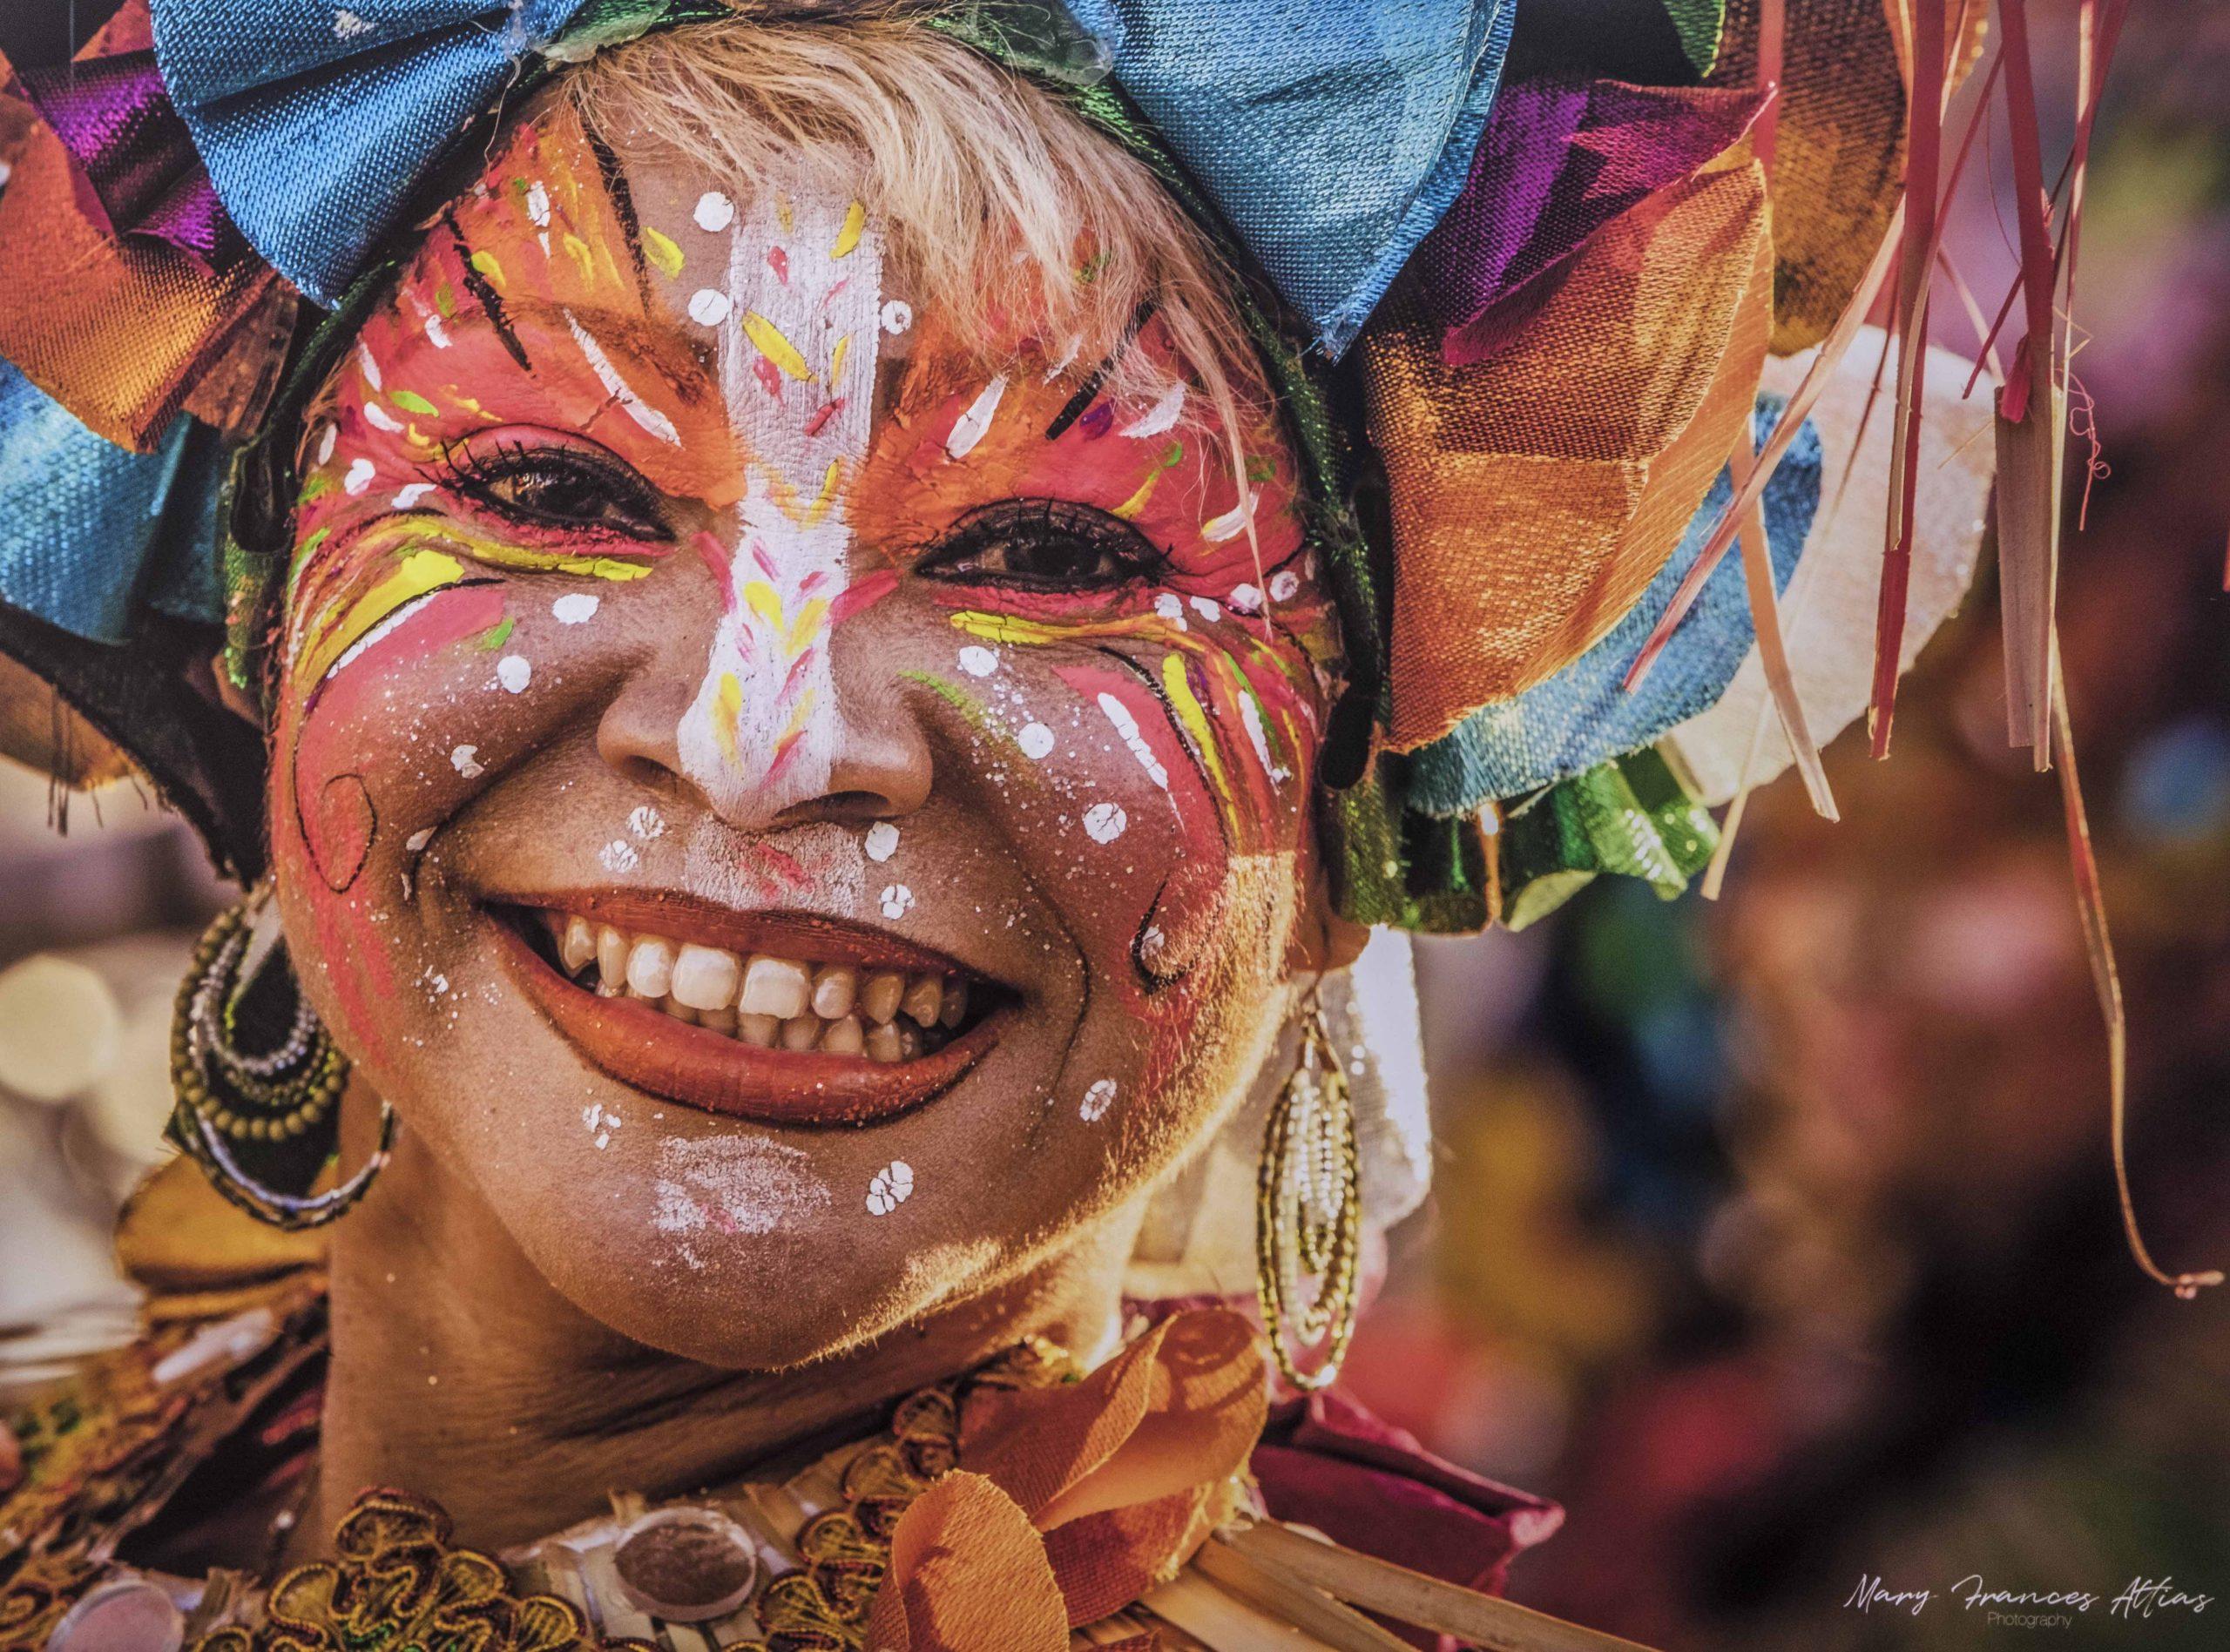 Algunas de las imágenes del carnaval que serán expuestas desde este jueves en la muestra